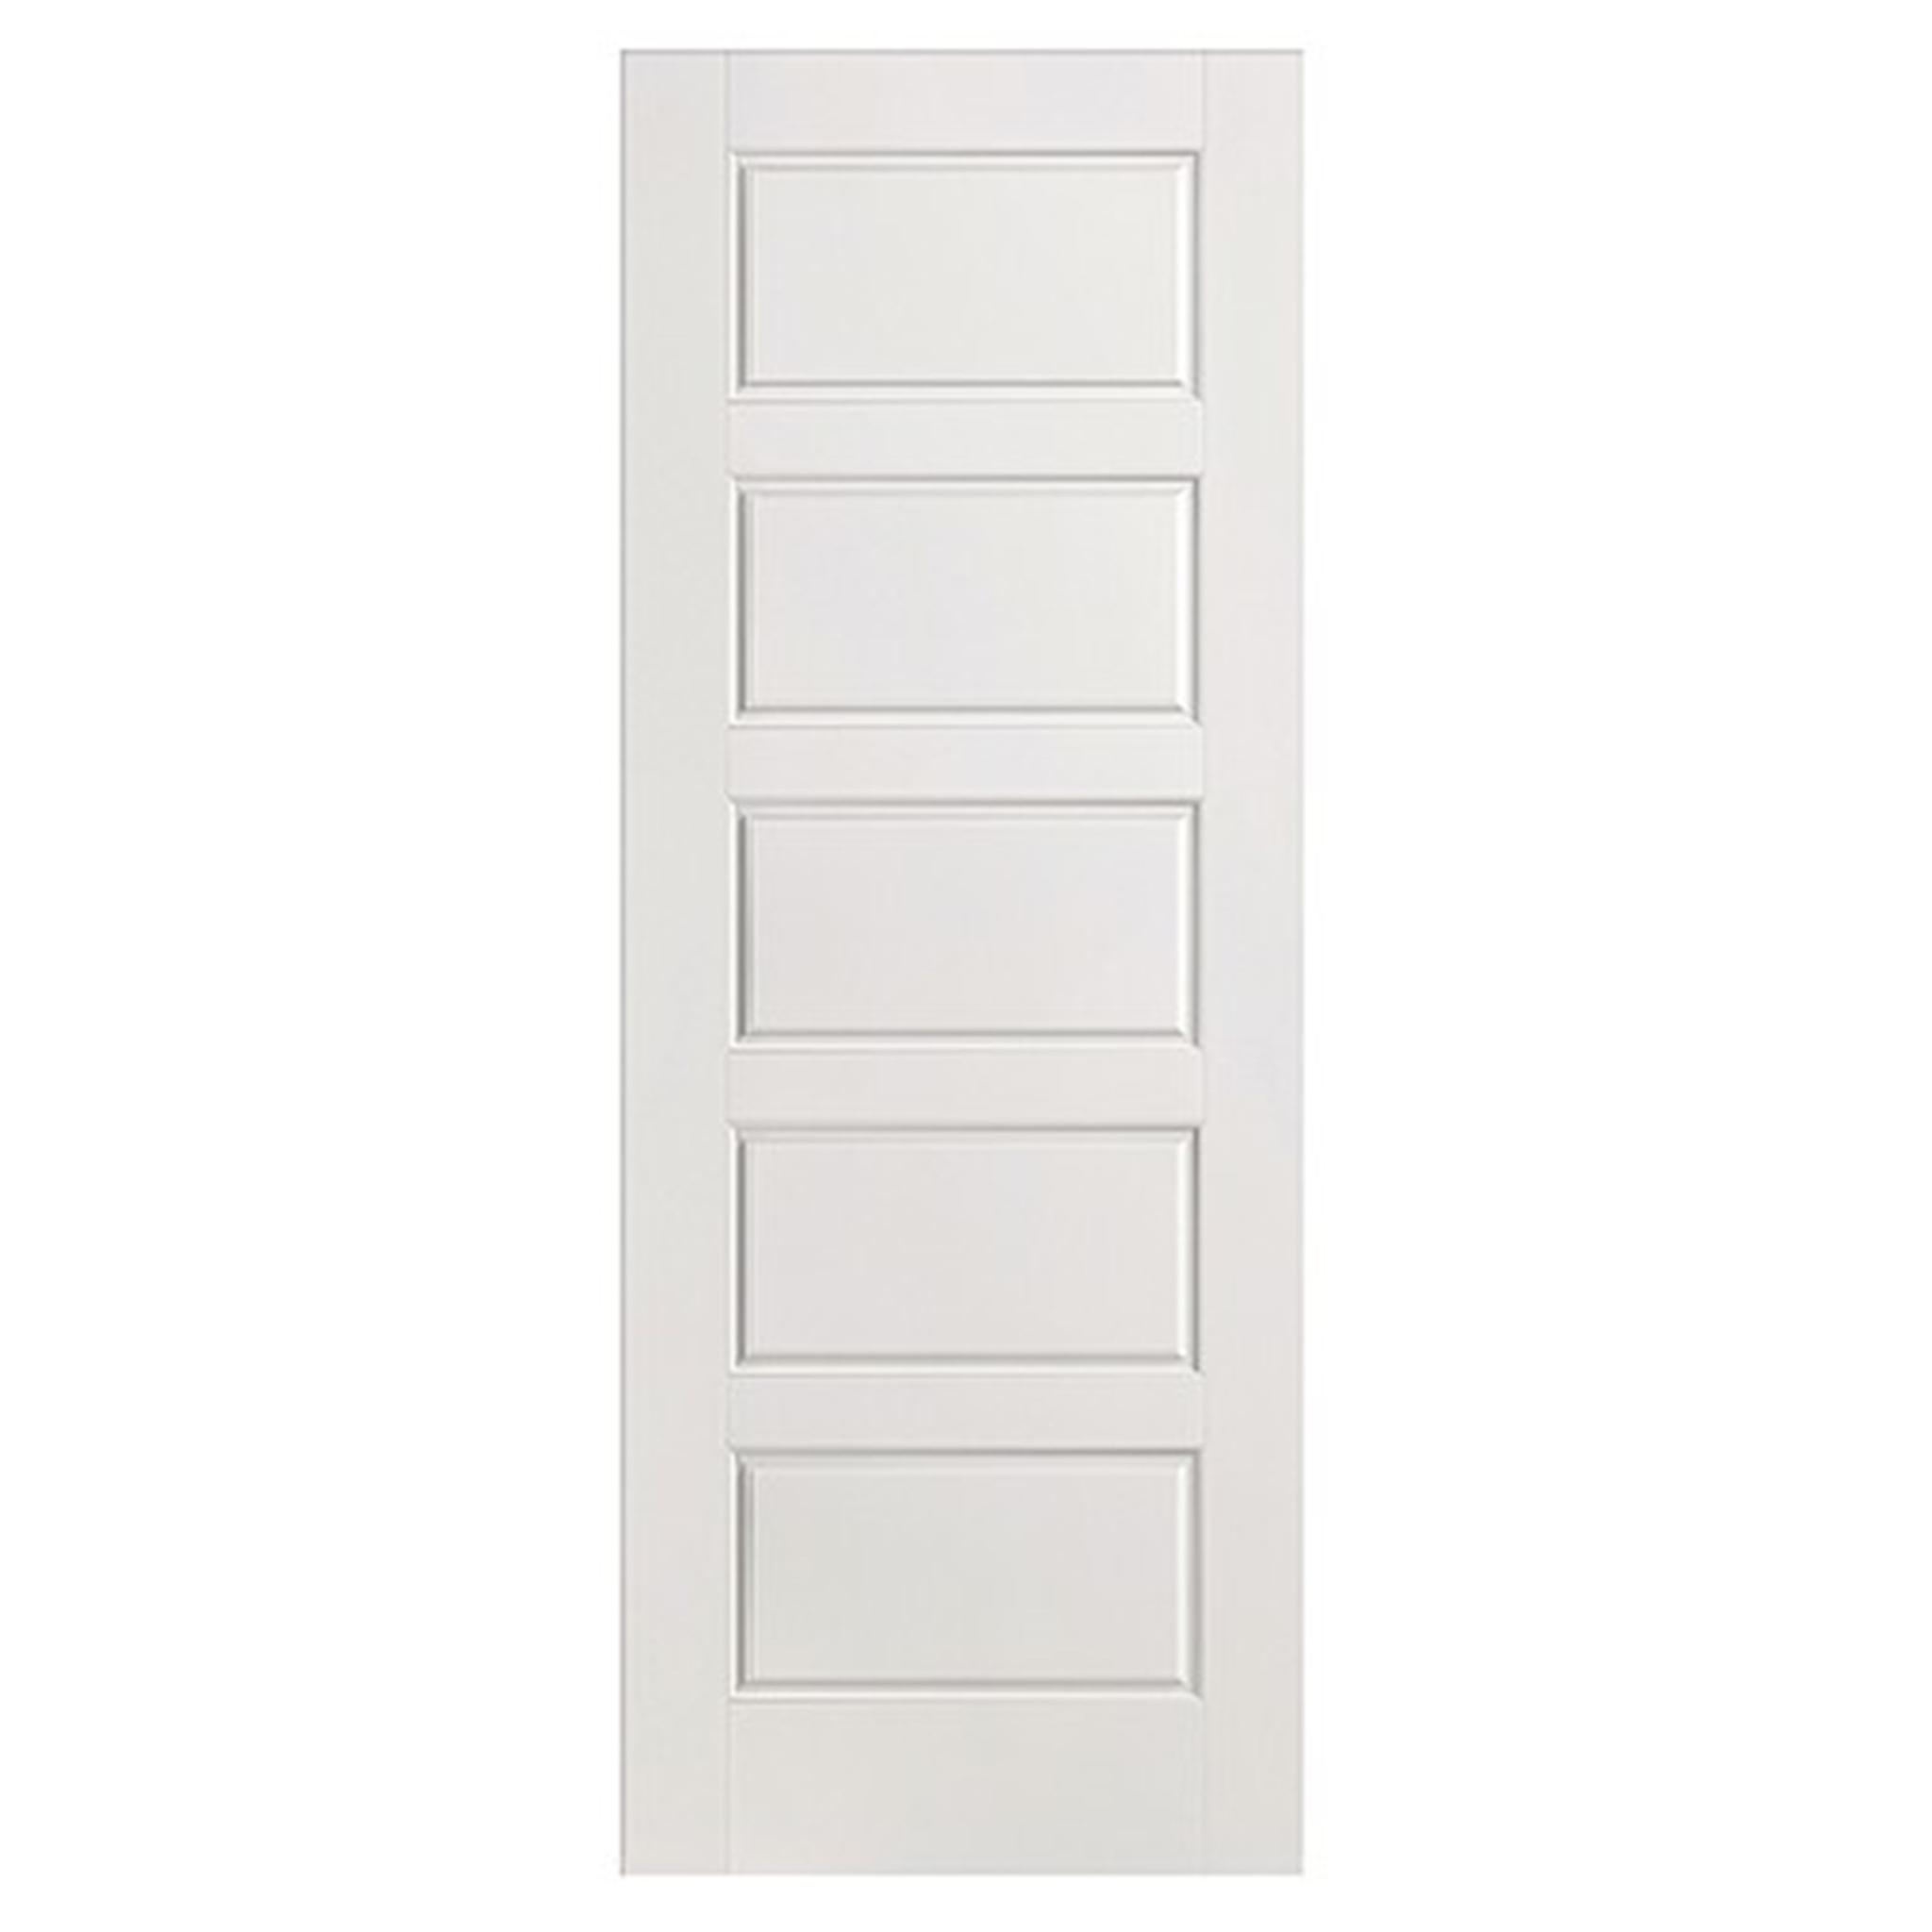 5 panel smooth internal door 2040x726mm for Door 2040 x 726